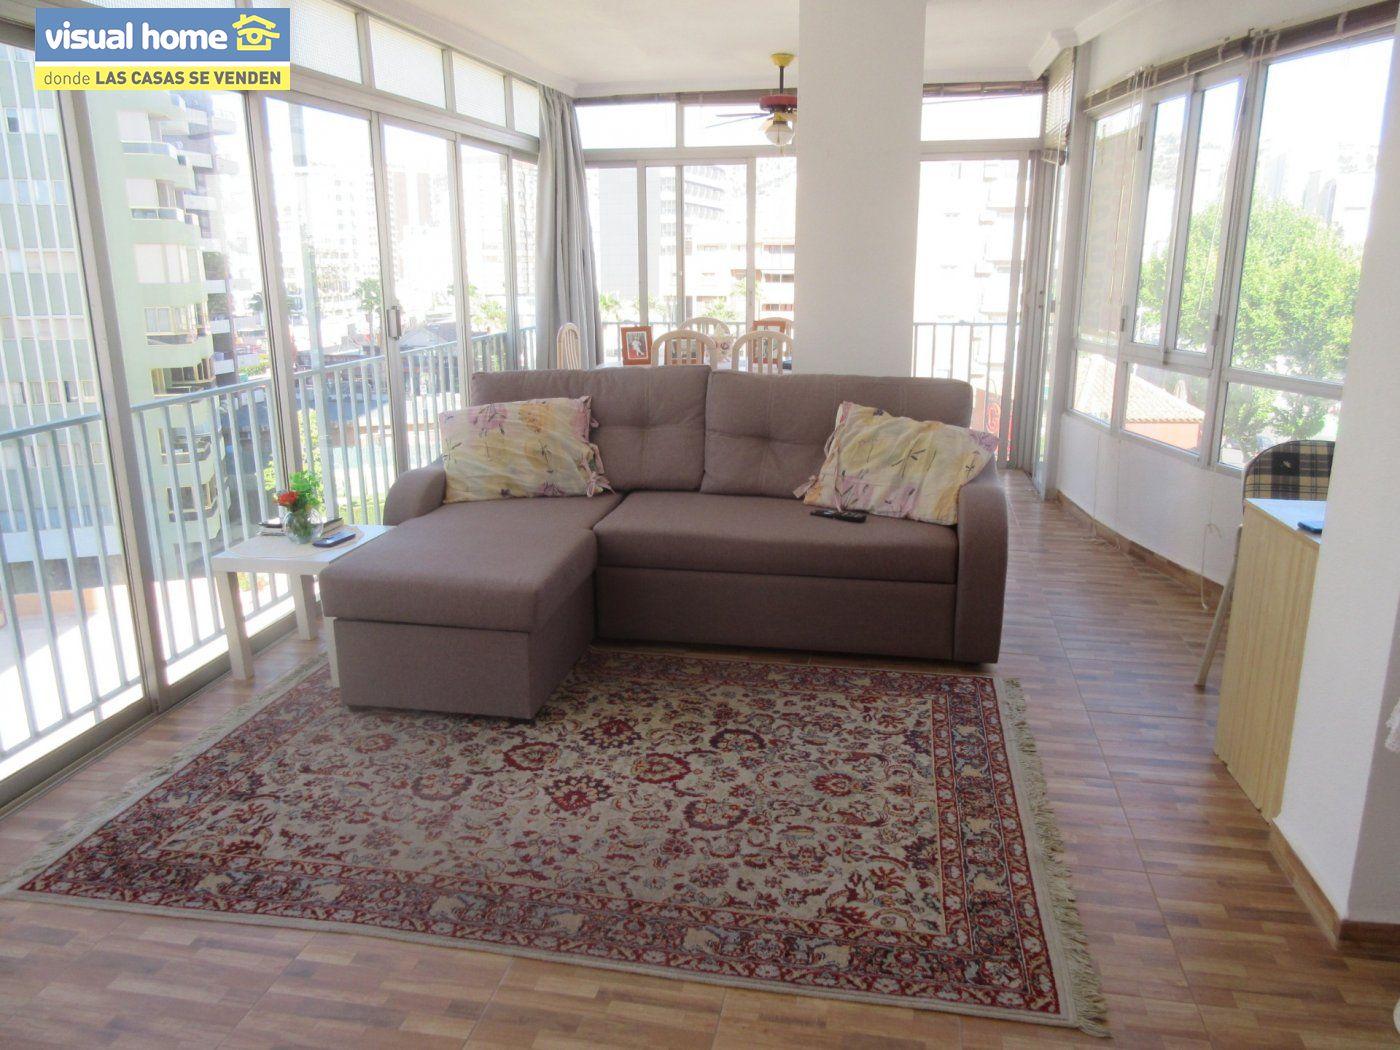 Apartamento todo exterior en Av/ Mediterráneo con garaje y piscina a 50 mts de la playa 3